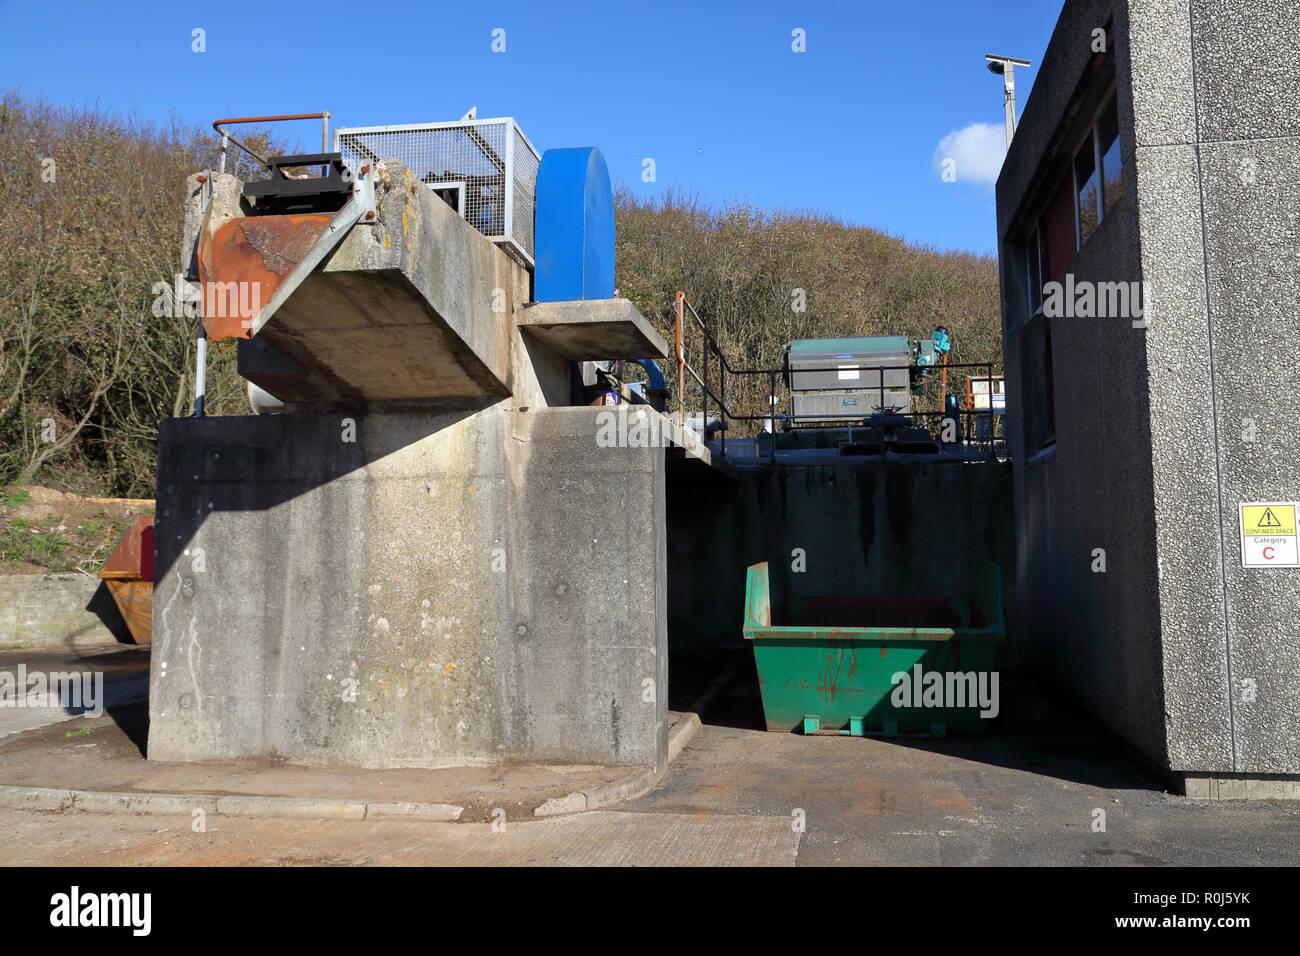 L'endroit où la première estimation de filtrage des eaux usées entrantes et rejet de l'intraitable des articles qui doivent être remplis de terre. Photo Stock